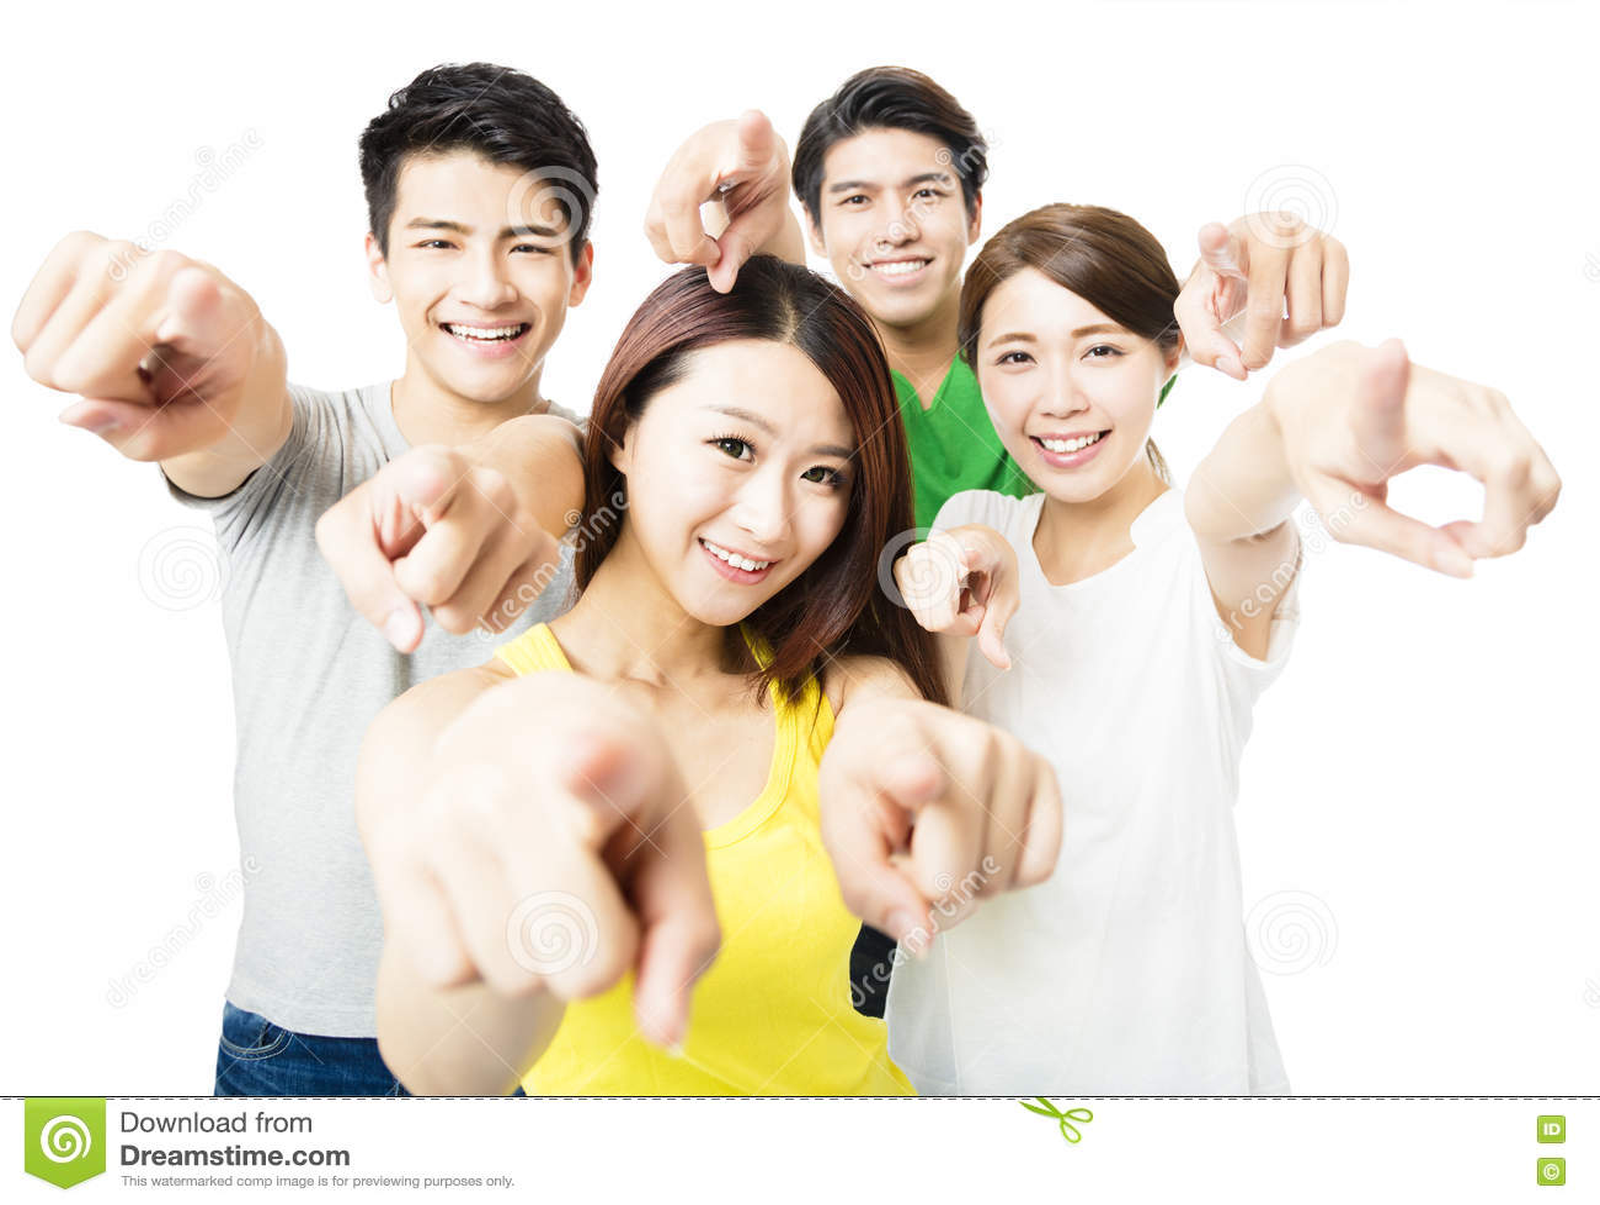 指向您的激动的年轻学生人民画象